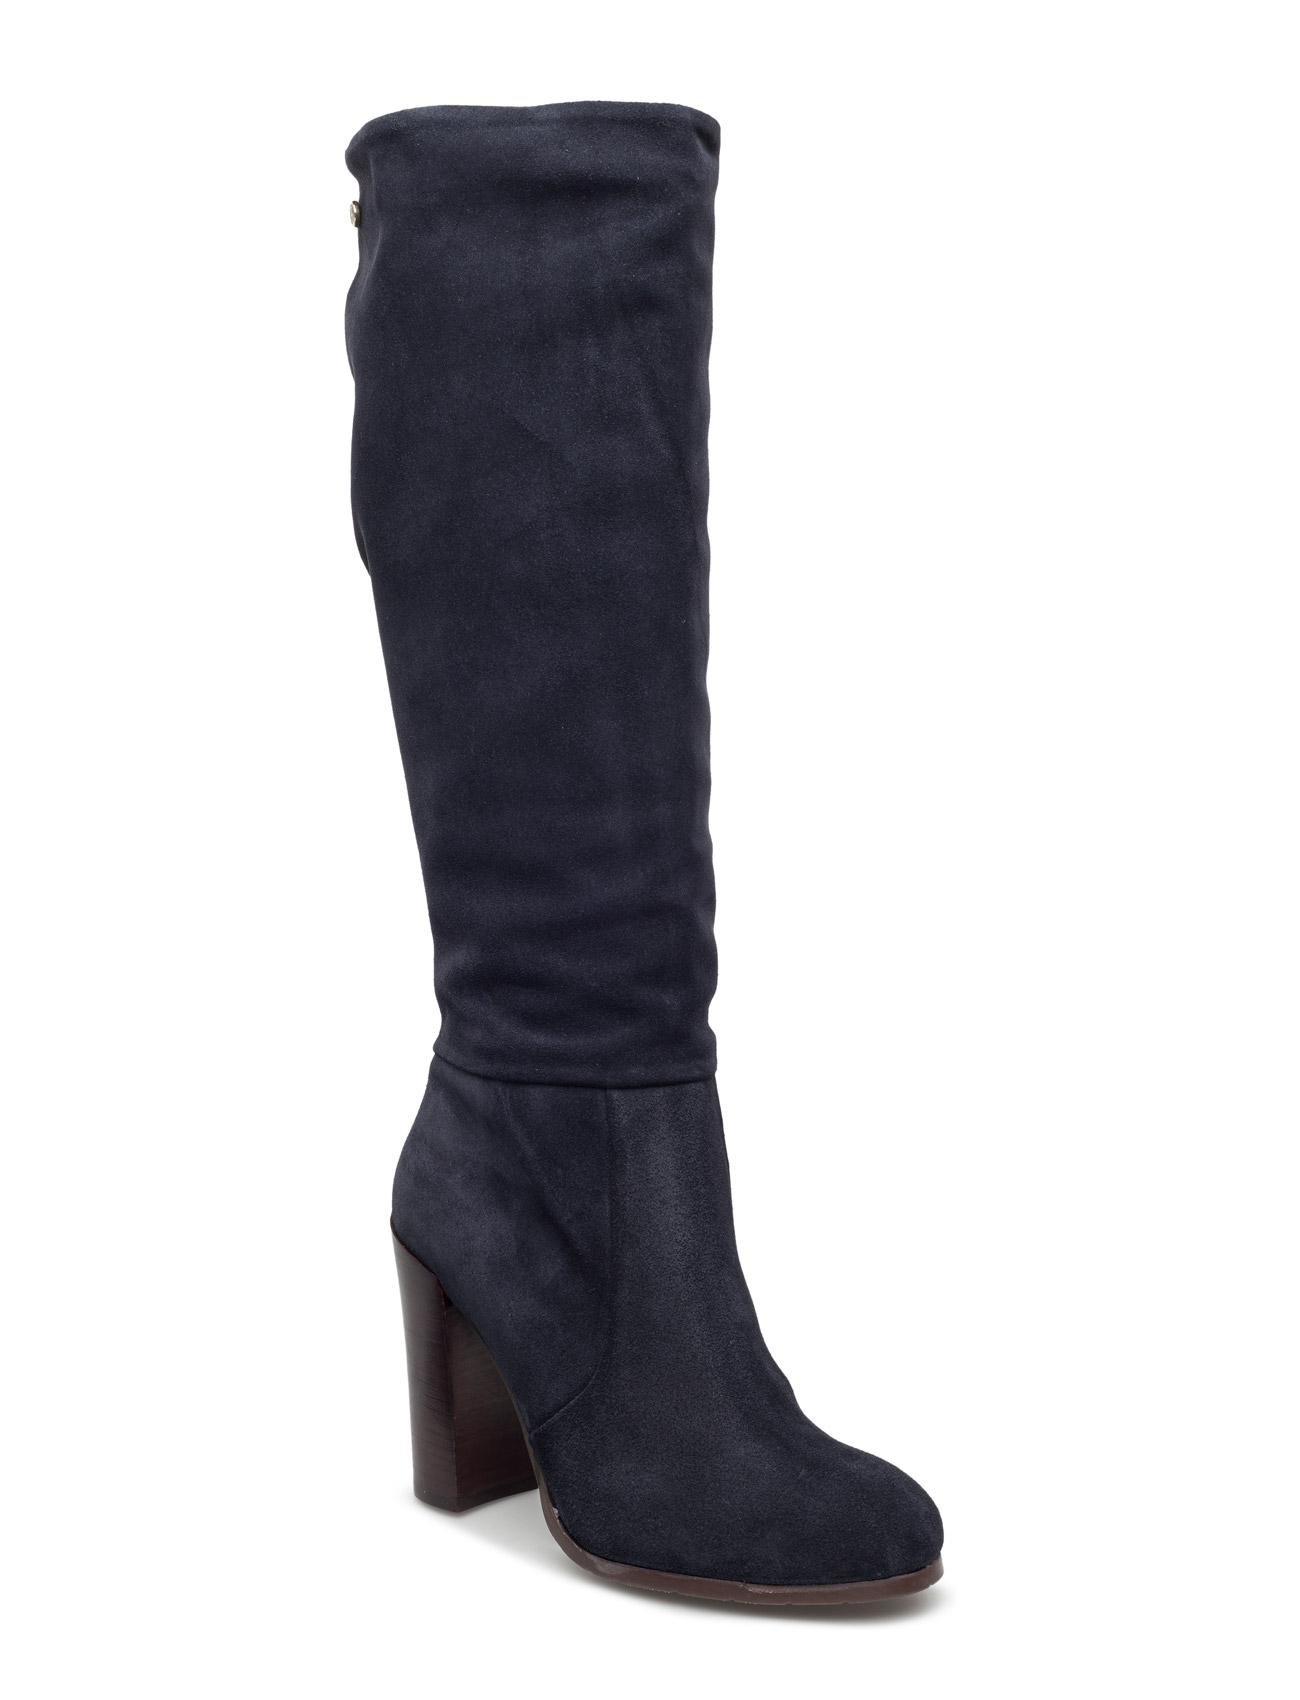 High Suede Boot Hg 3b Tommy Hilfiger Støvler til Kvinder i